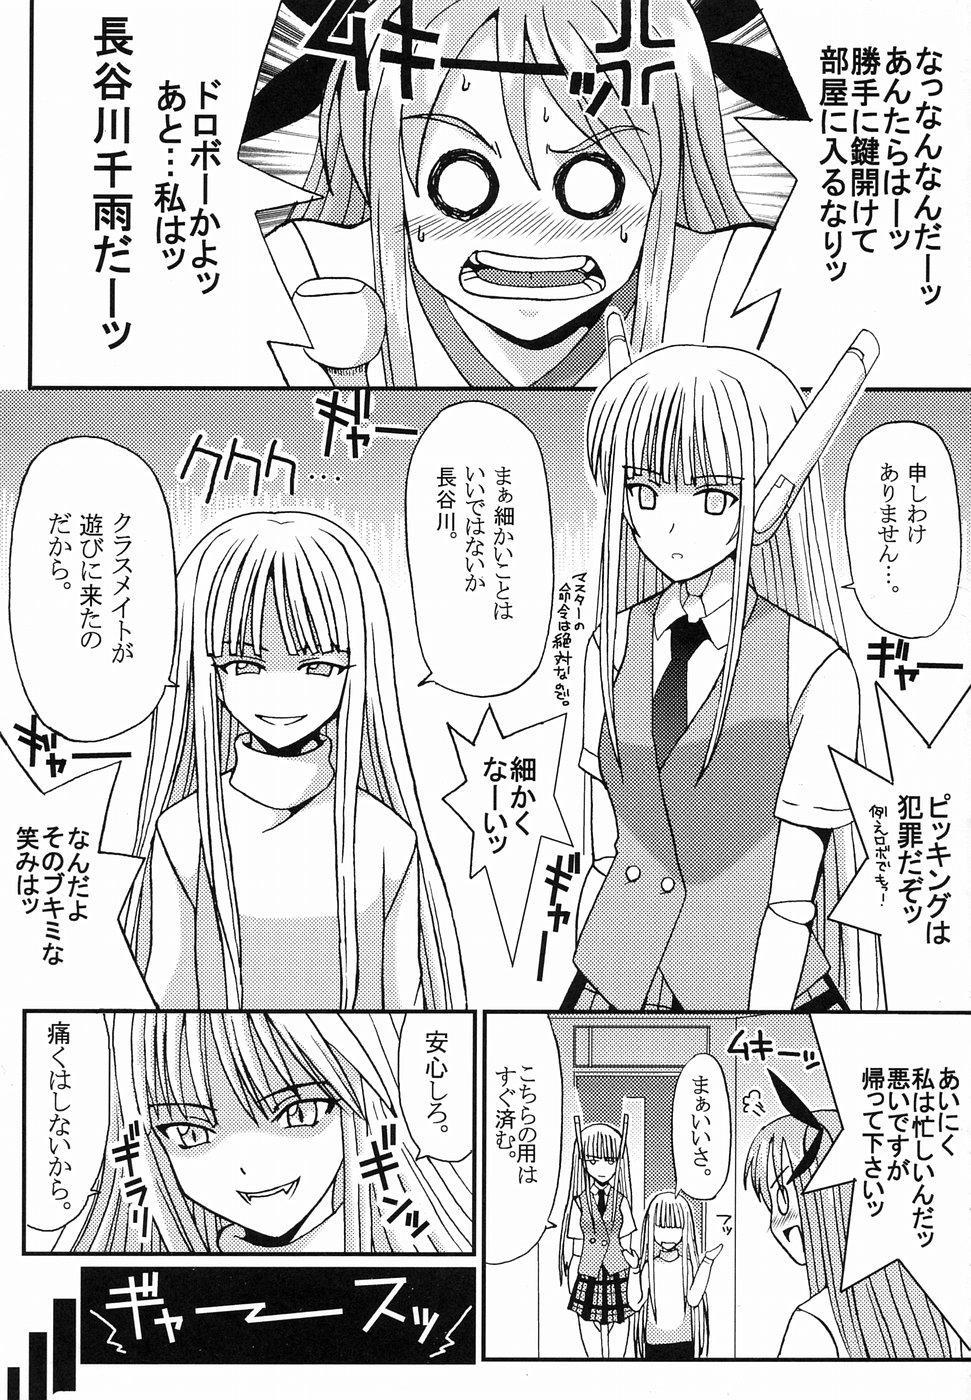 Shikima Sensei Negi Nuki! 2 9